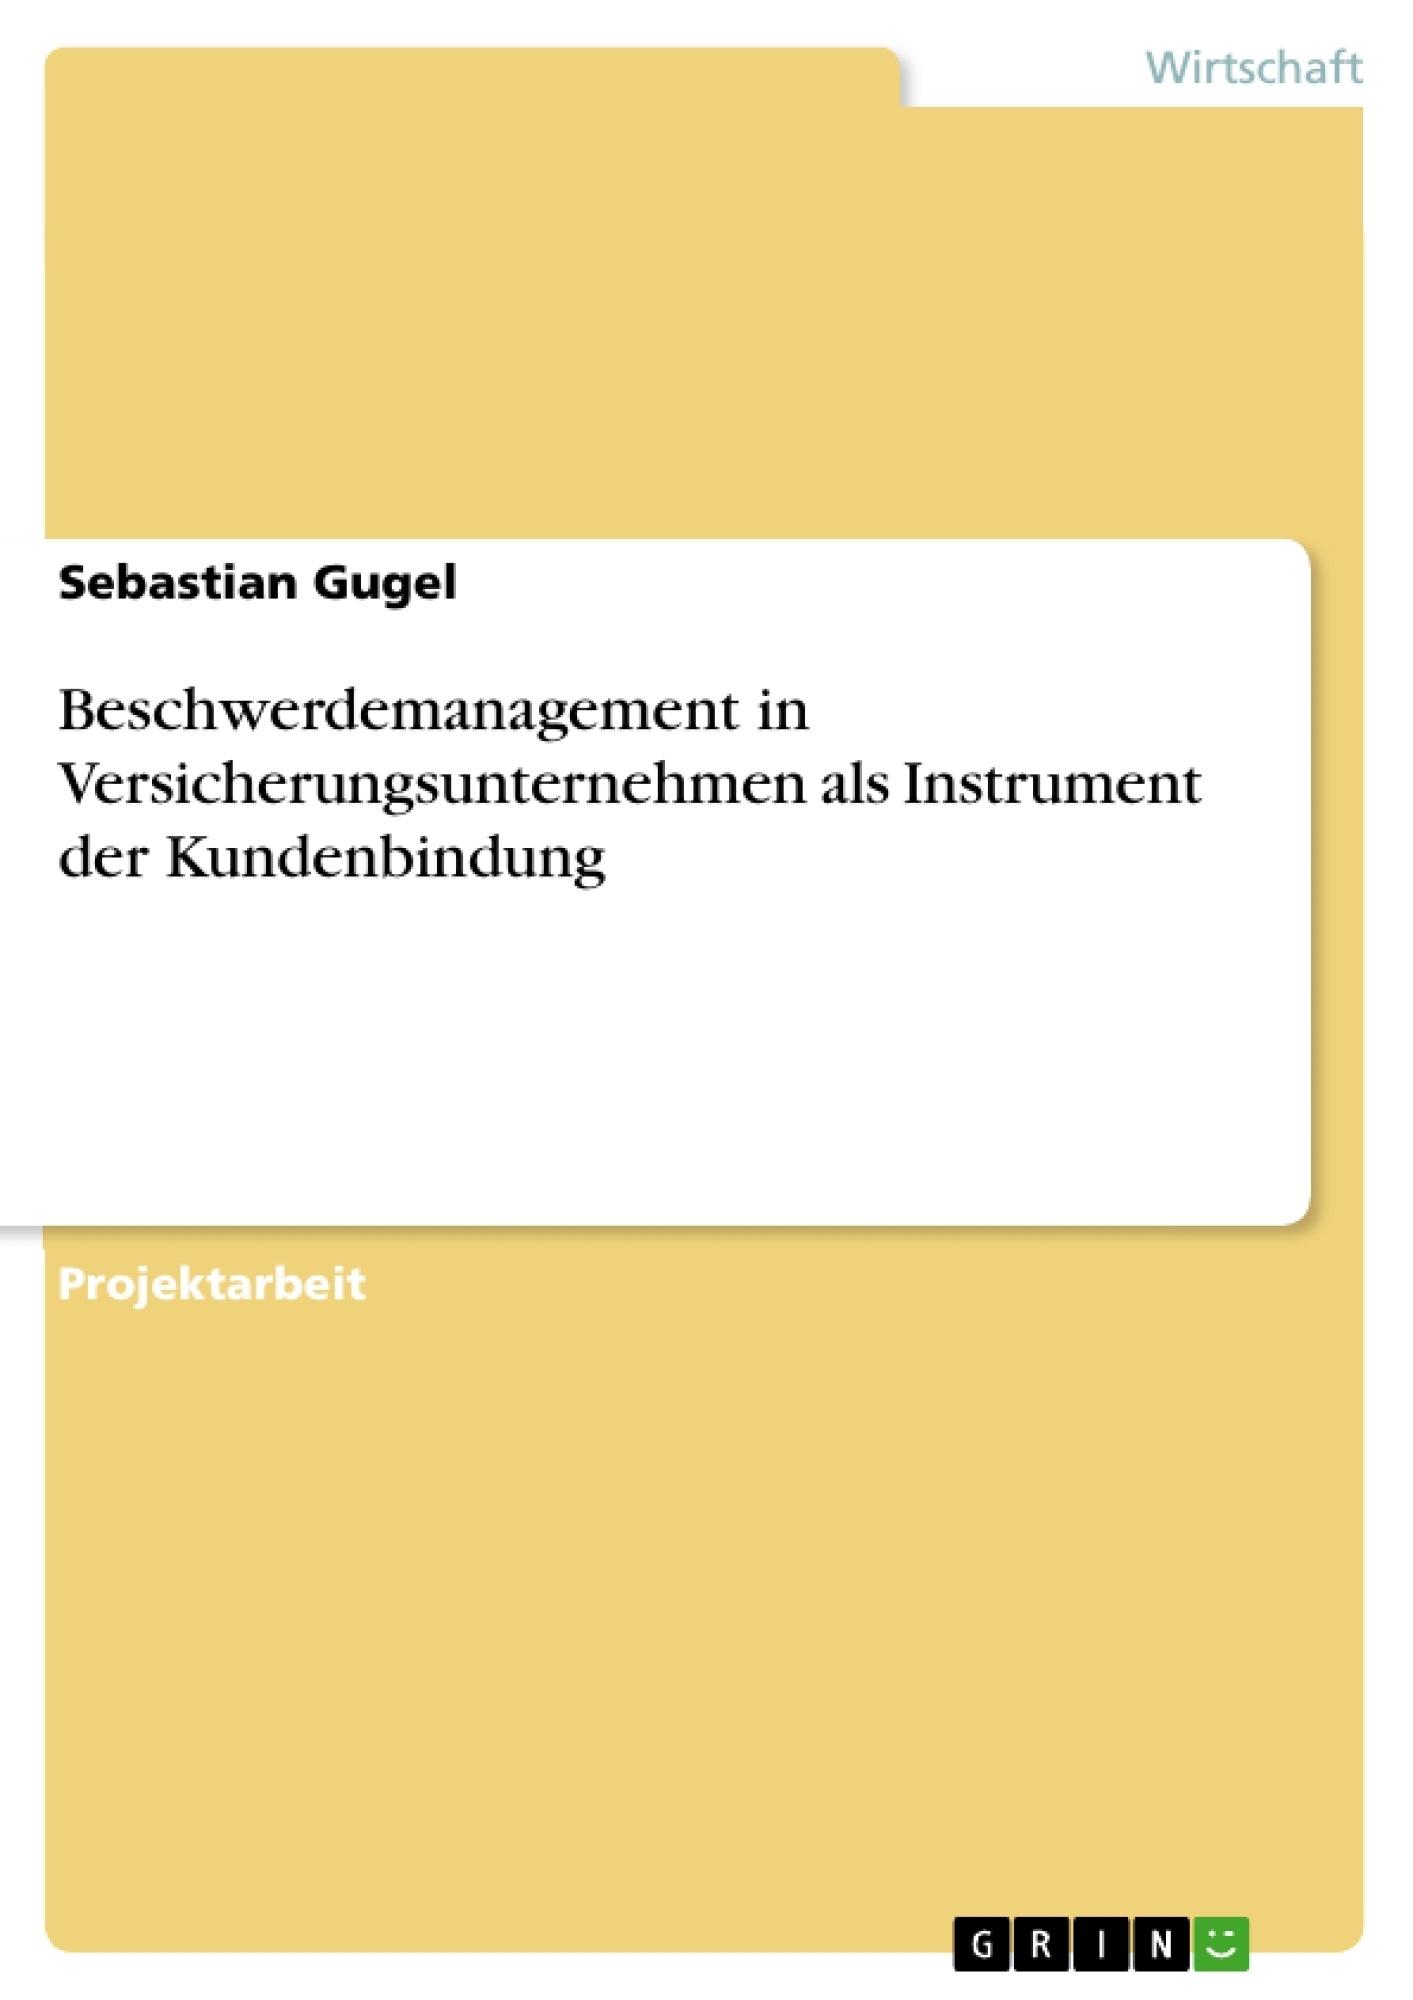 Titel: Beschwerdemanagement in Versicherungsunternehmen als Instrument der Kundenbindung